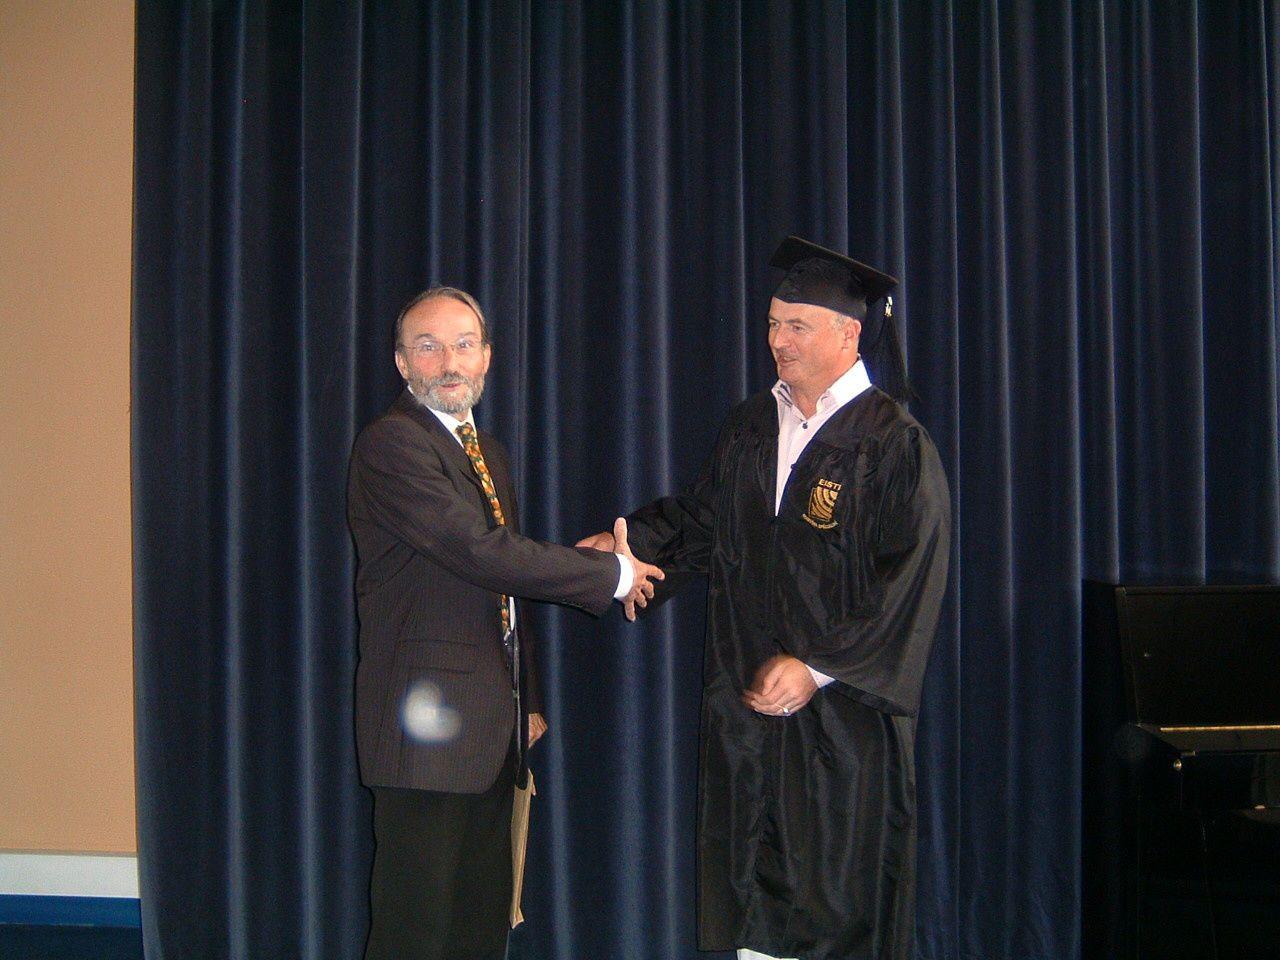 18 juin 2011: Remise des diplômes du Mastère Spécialisé à l'EISTI - Cergy